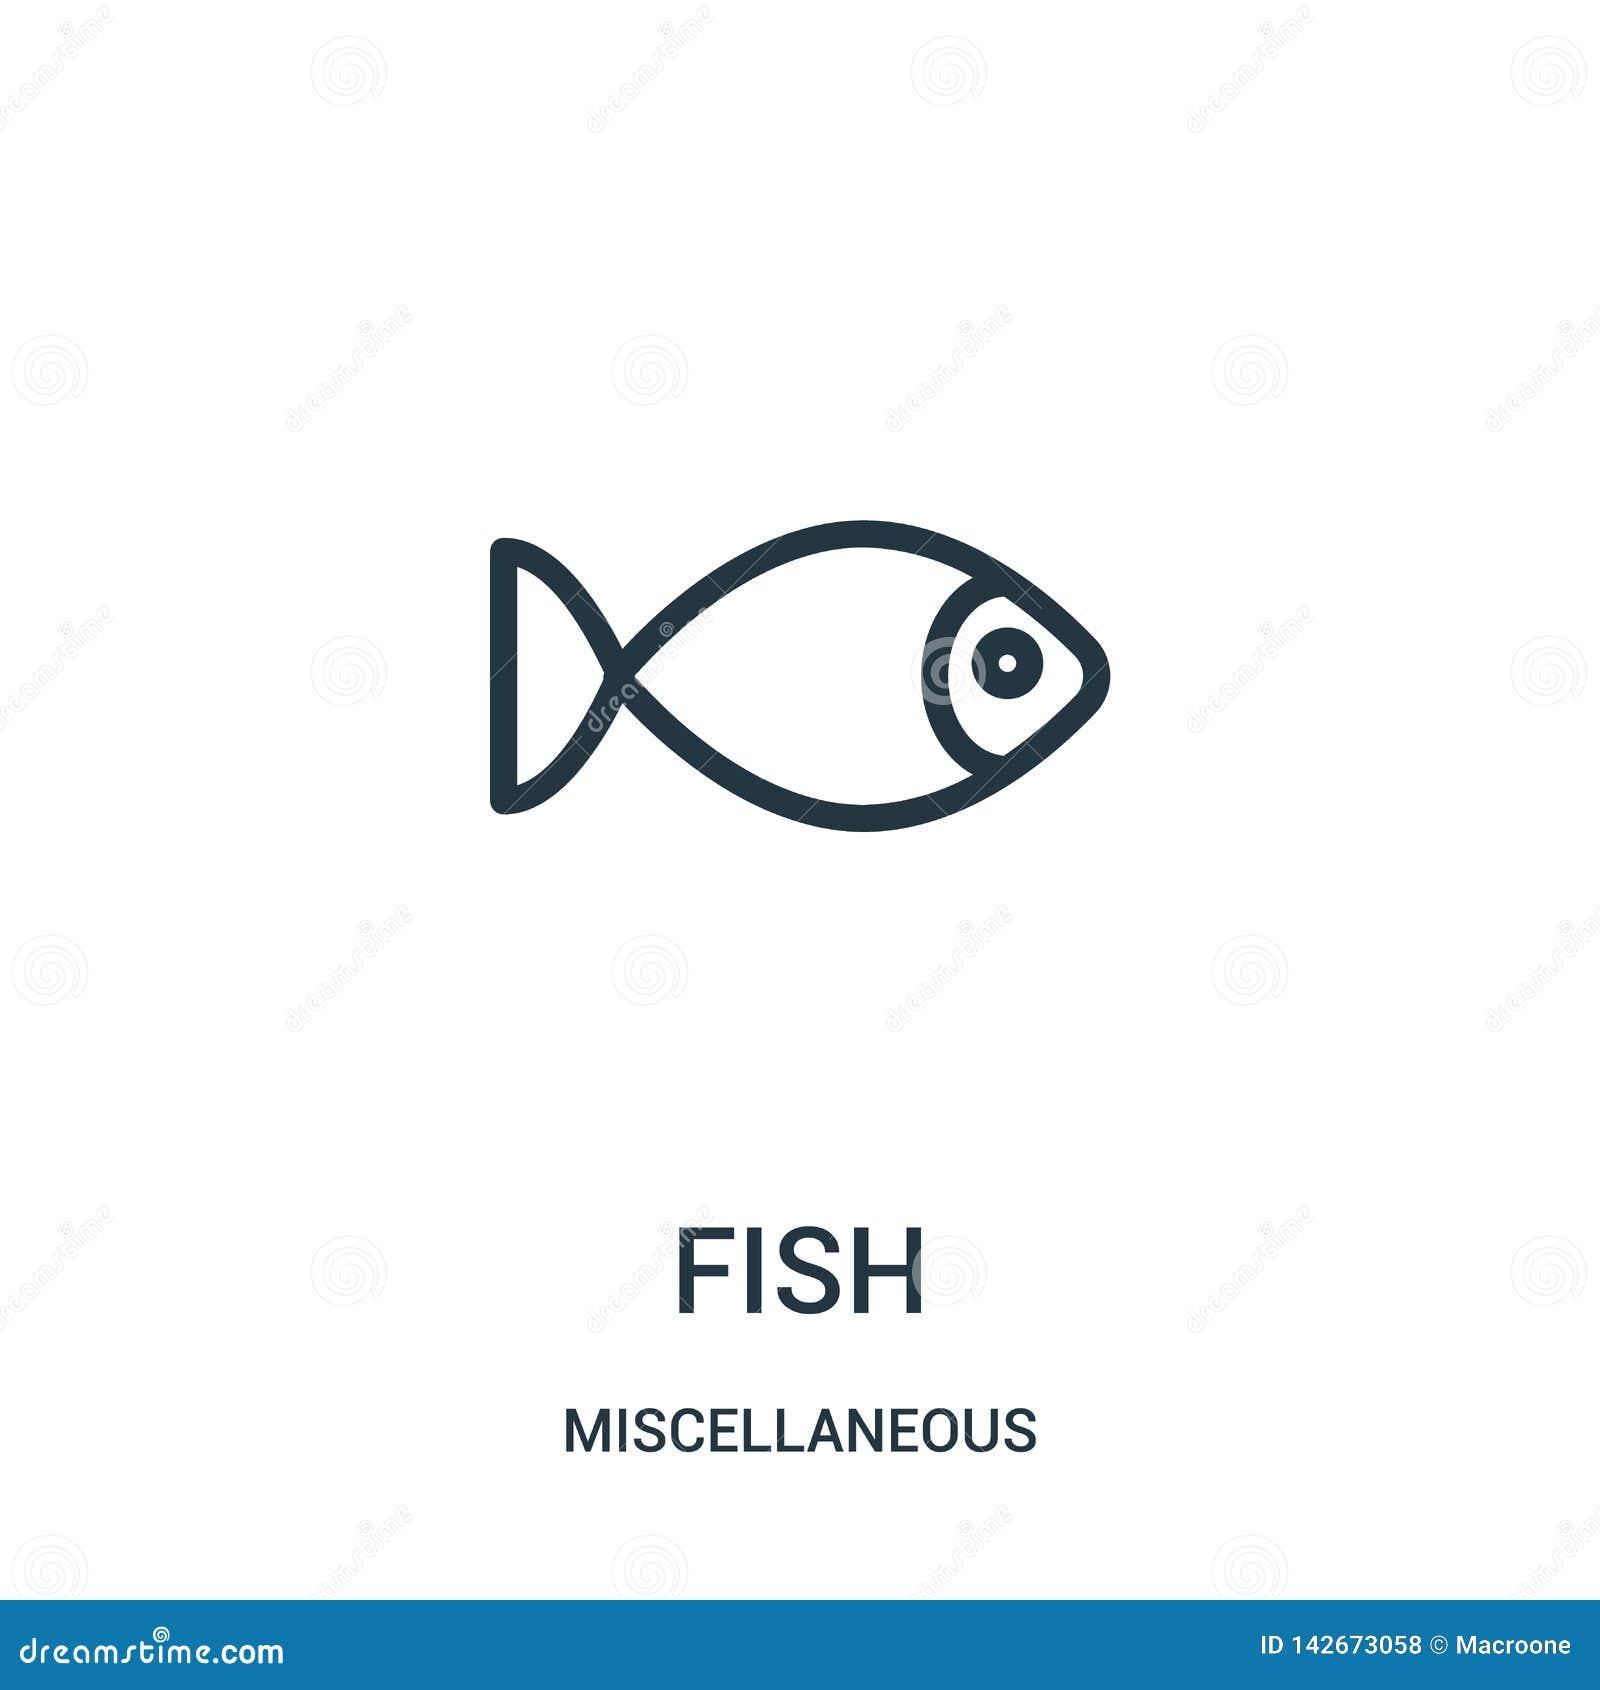 Fischikonenvektor von der verschiedenen Sammlung Dünne Linie Fischentwurfsikonen-Vektorillustration Lineares Symbol für Gebrauch